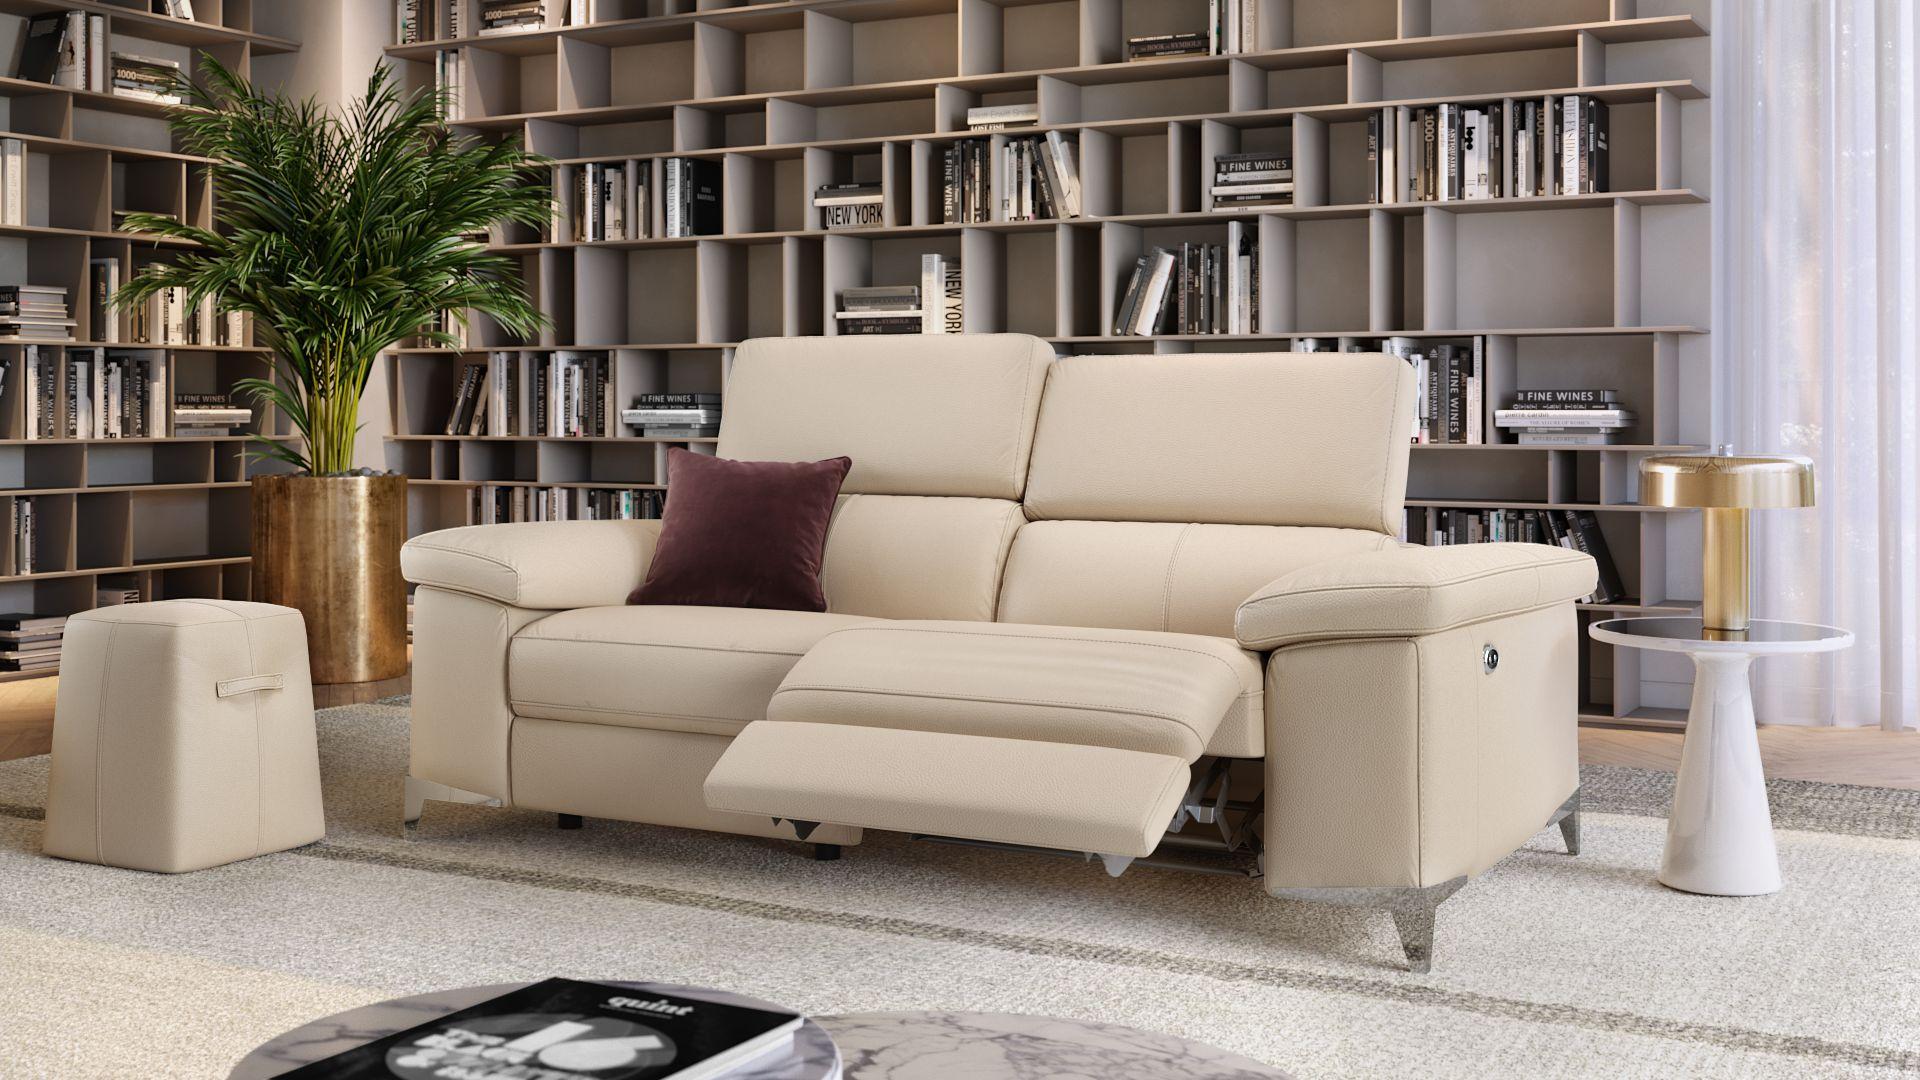 Leder 2-Sitzer Sofa VENOSA